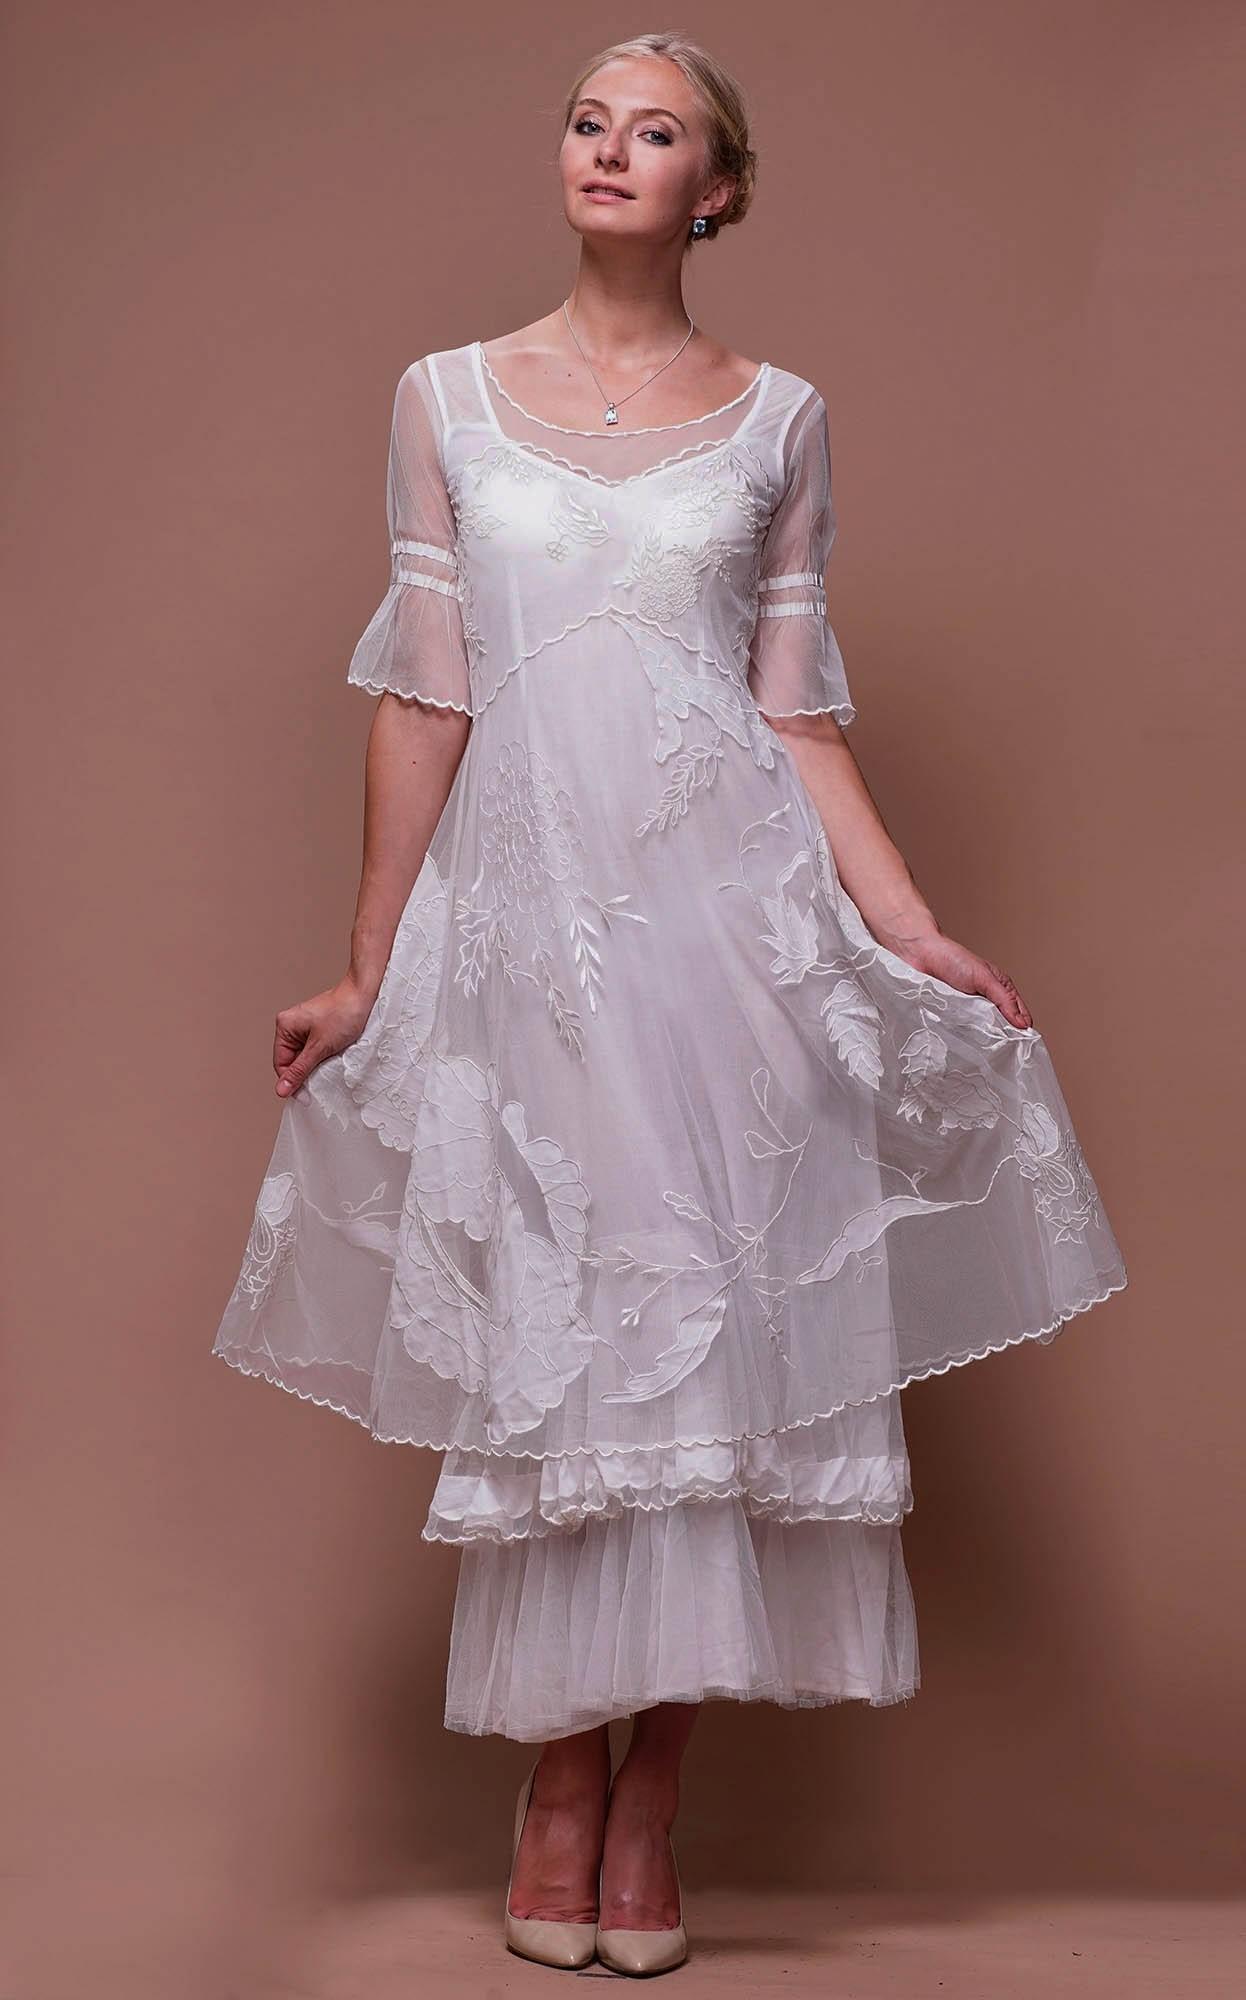 Wedding Vintage Inspired Dresses images of vintage inspired blouses fashion trends and models dresses dress images